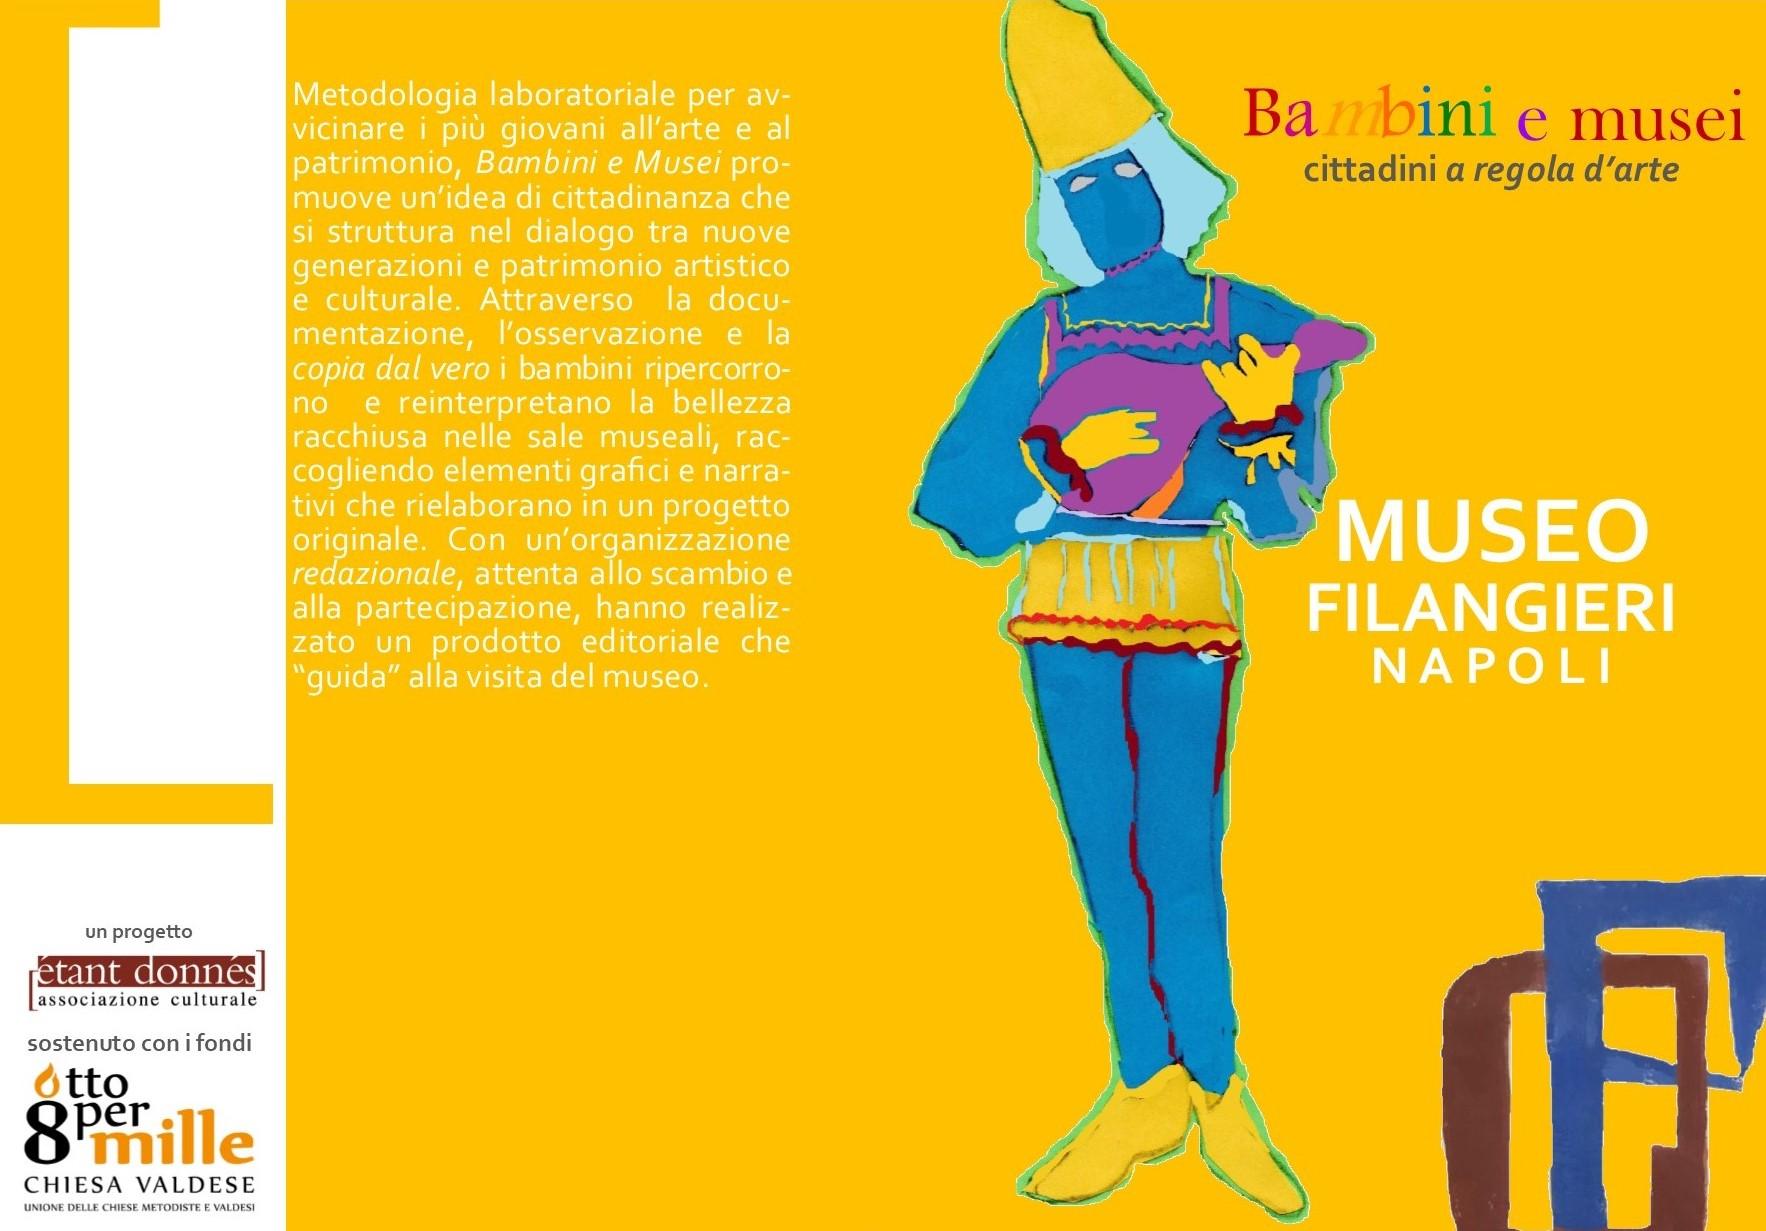 copertina guida Filangieri  (2)